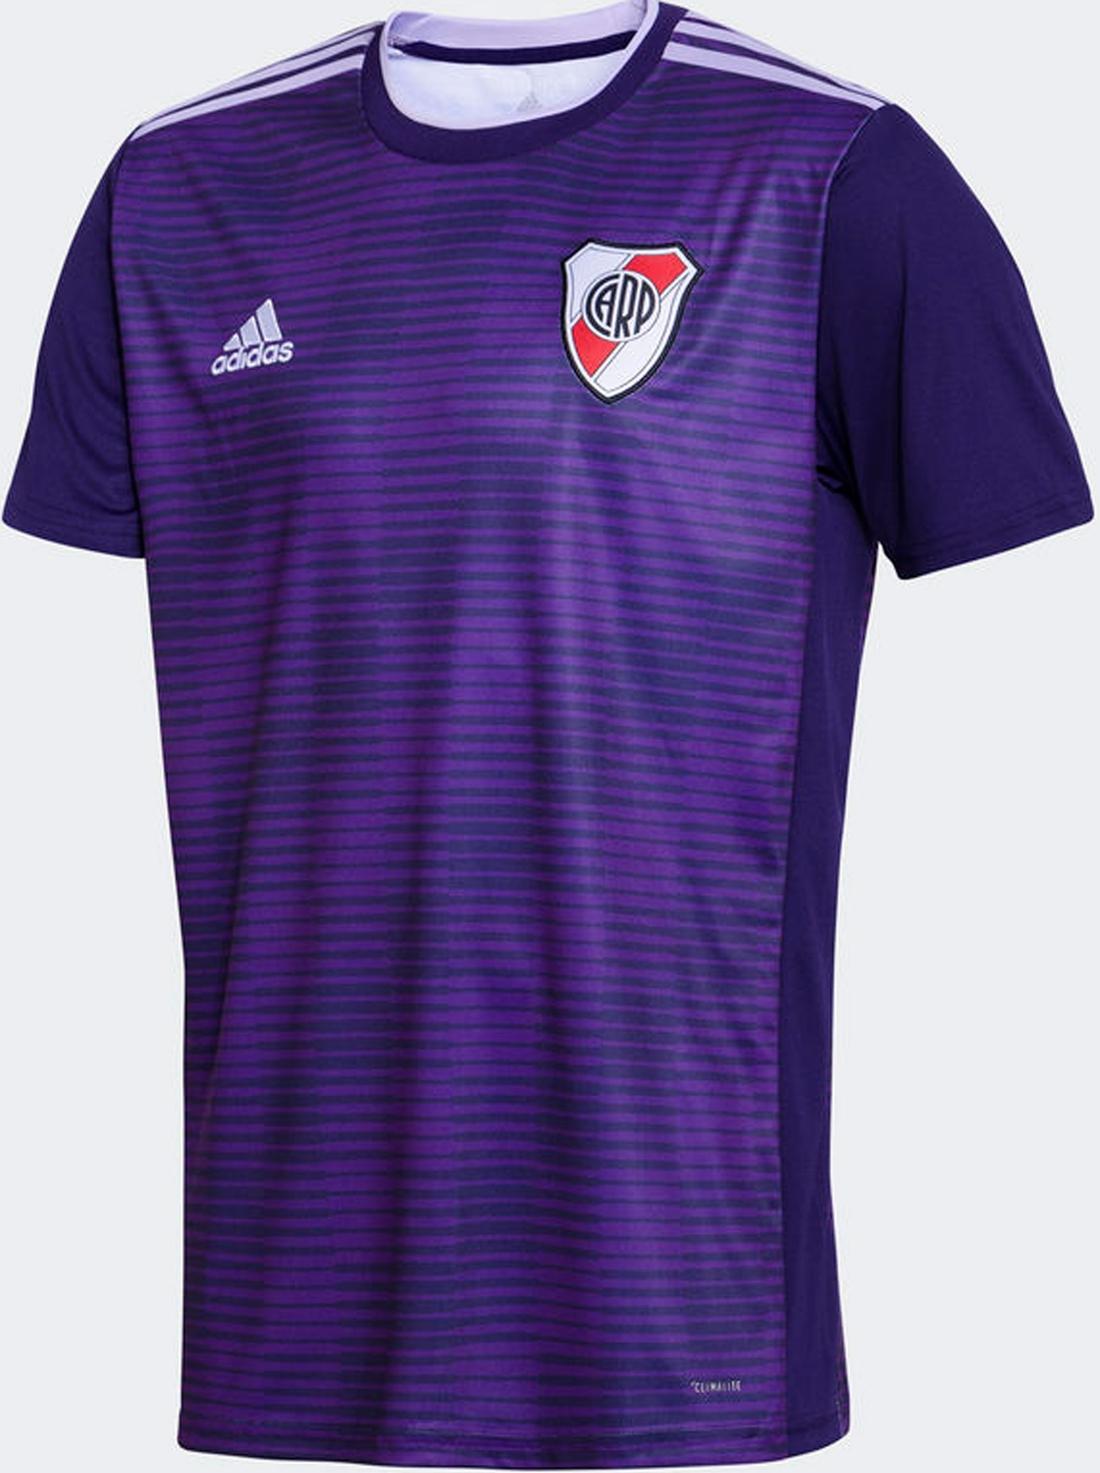 Así es la nueva camiseta de River  conocé 4a22d0d5eab50